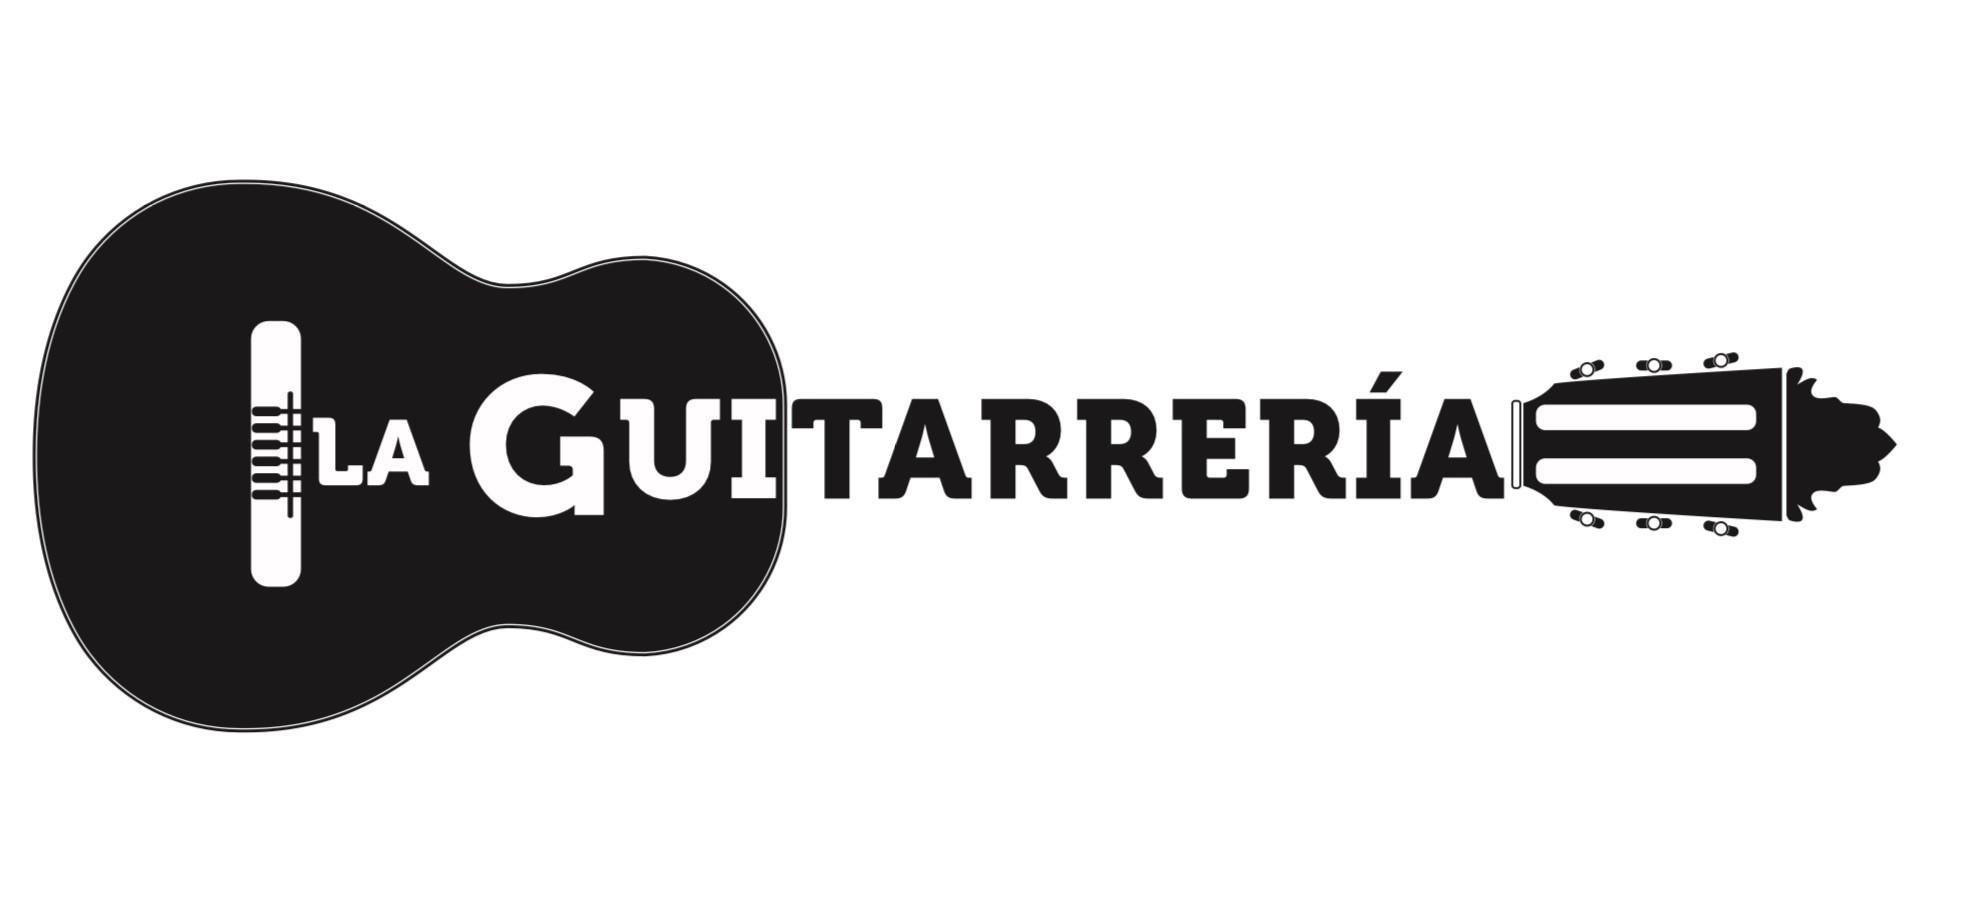 La Guitarreria